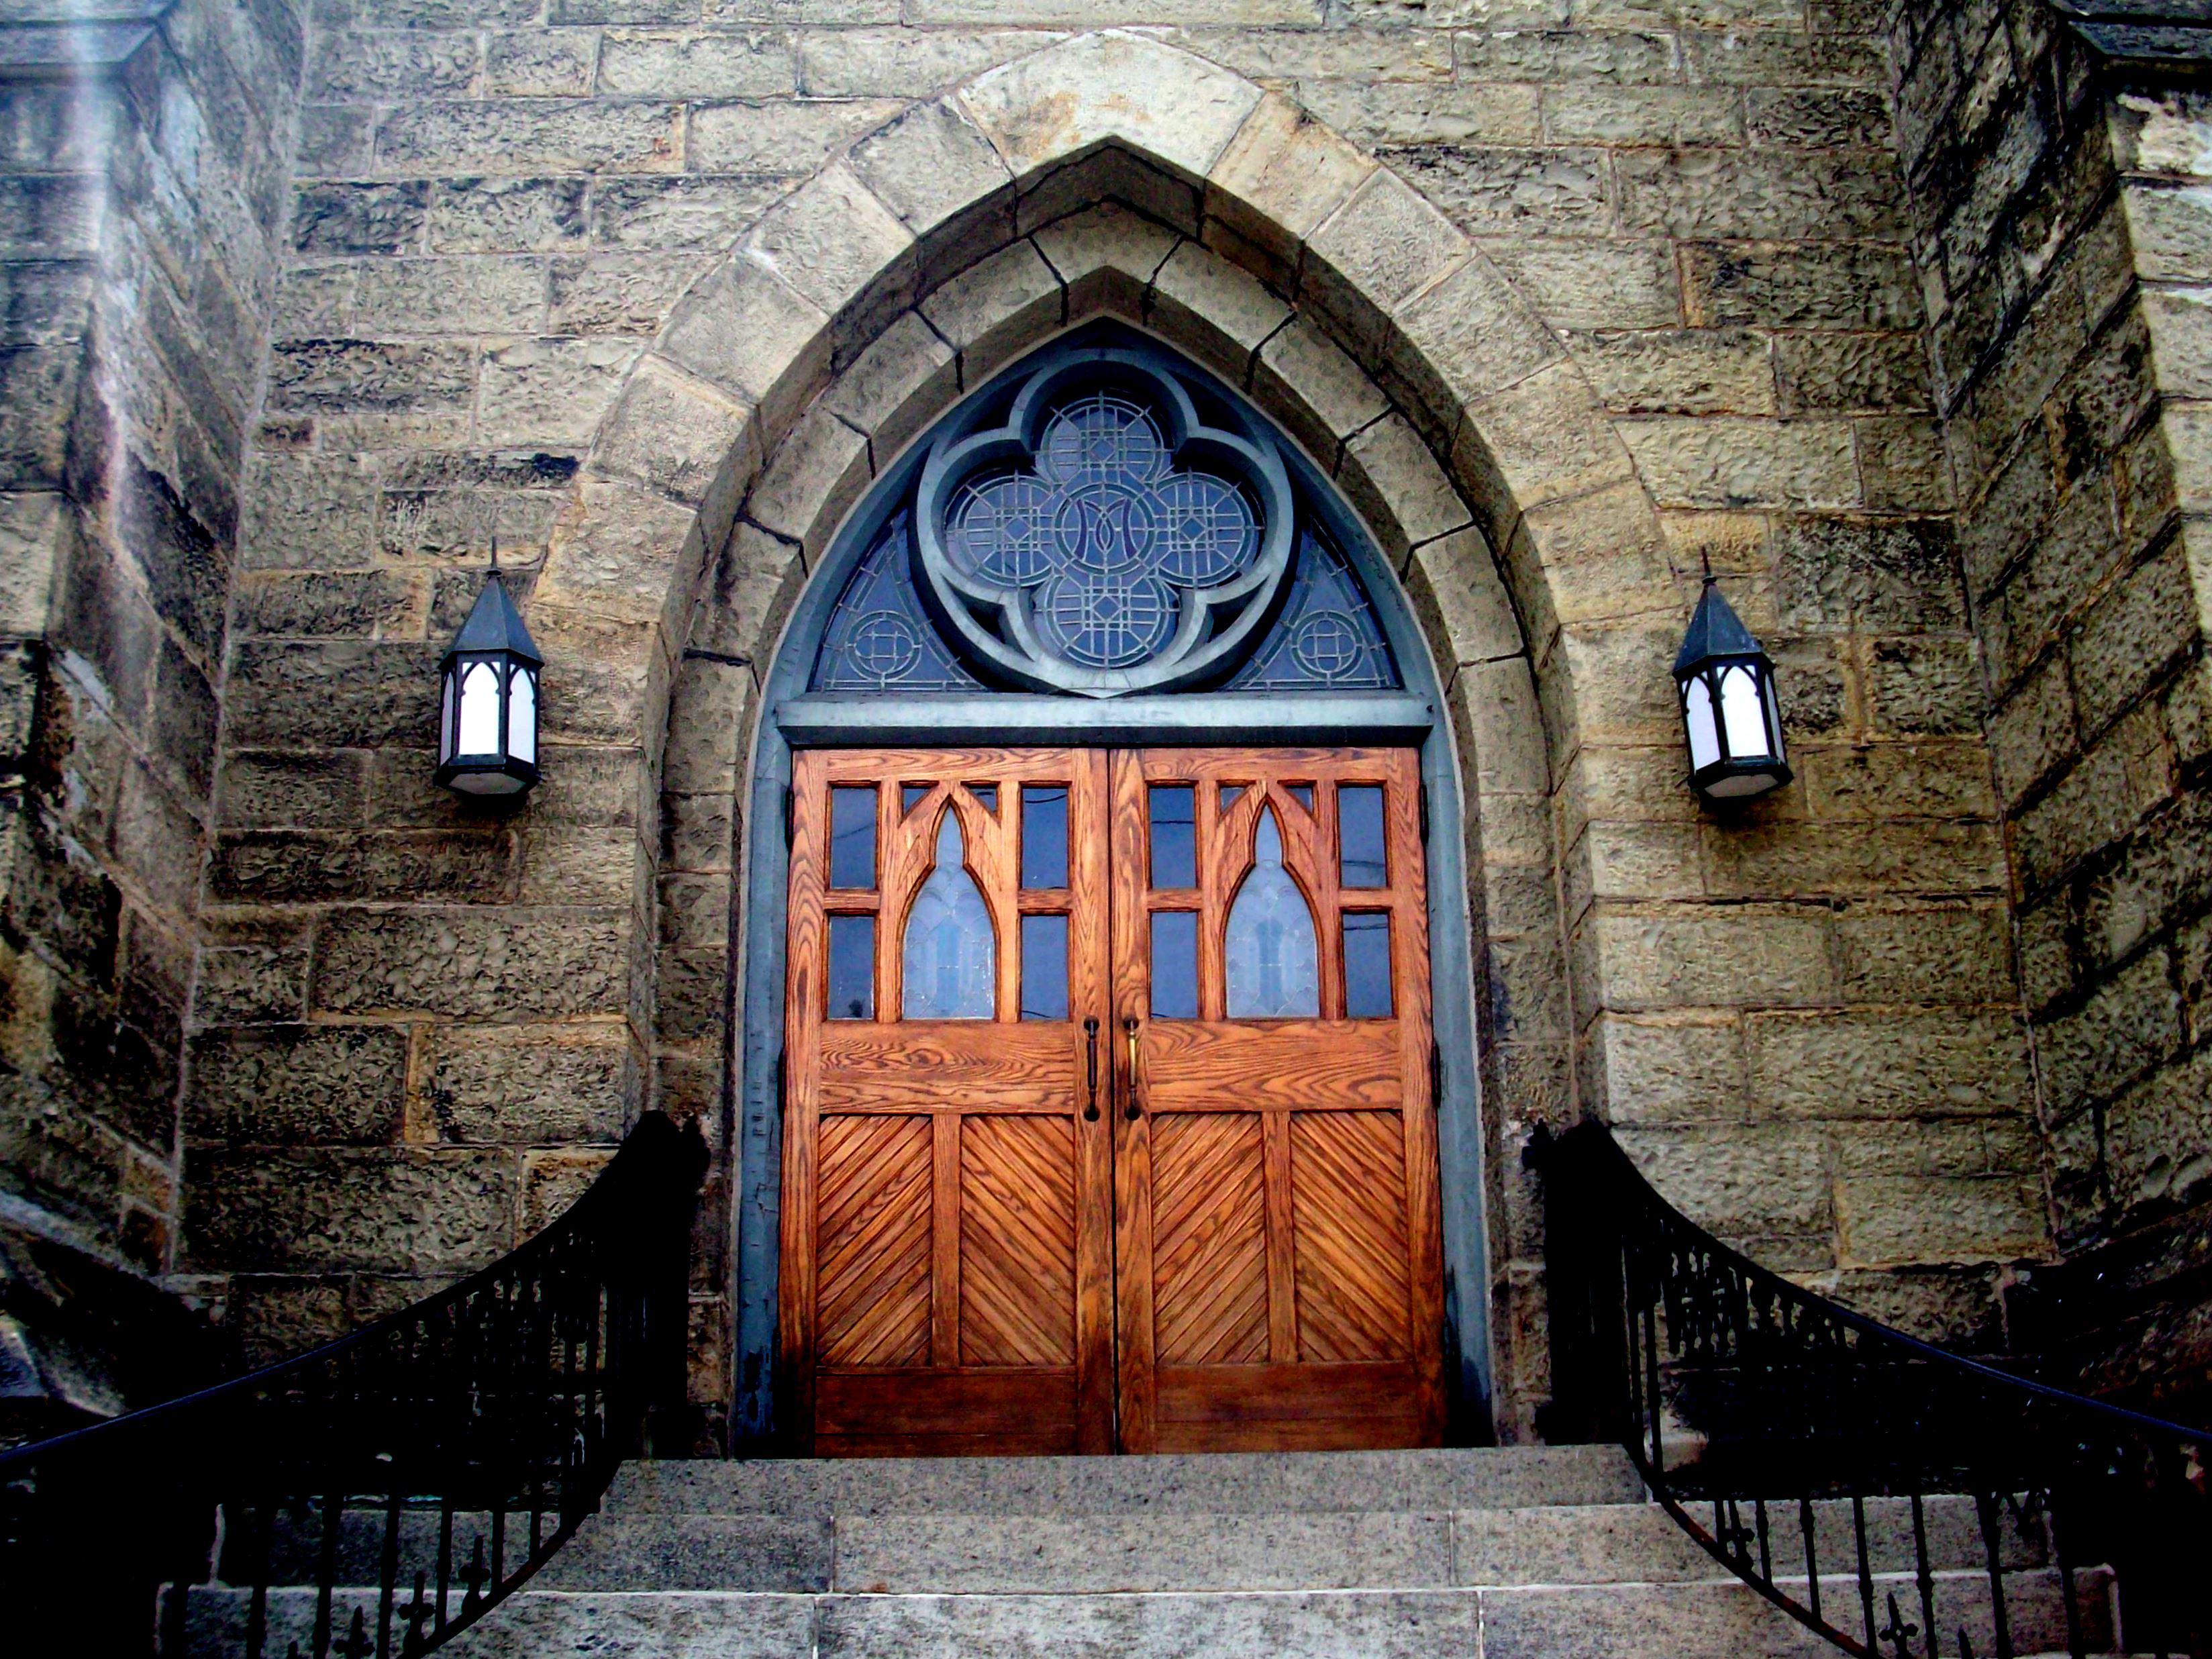 ... church-door.jpg ... & Index of /wp-content/uploads/2014/02